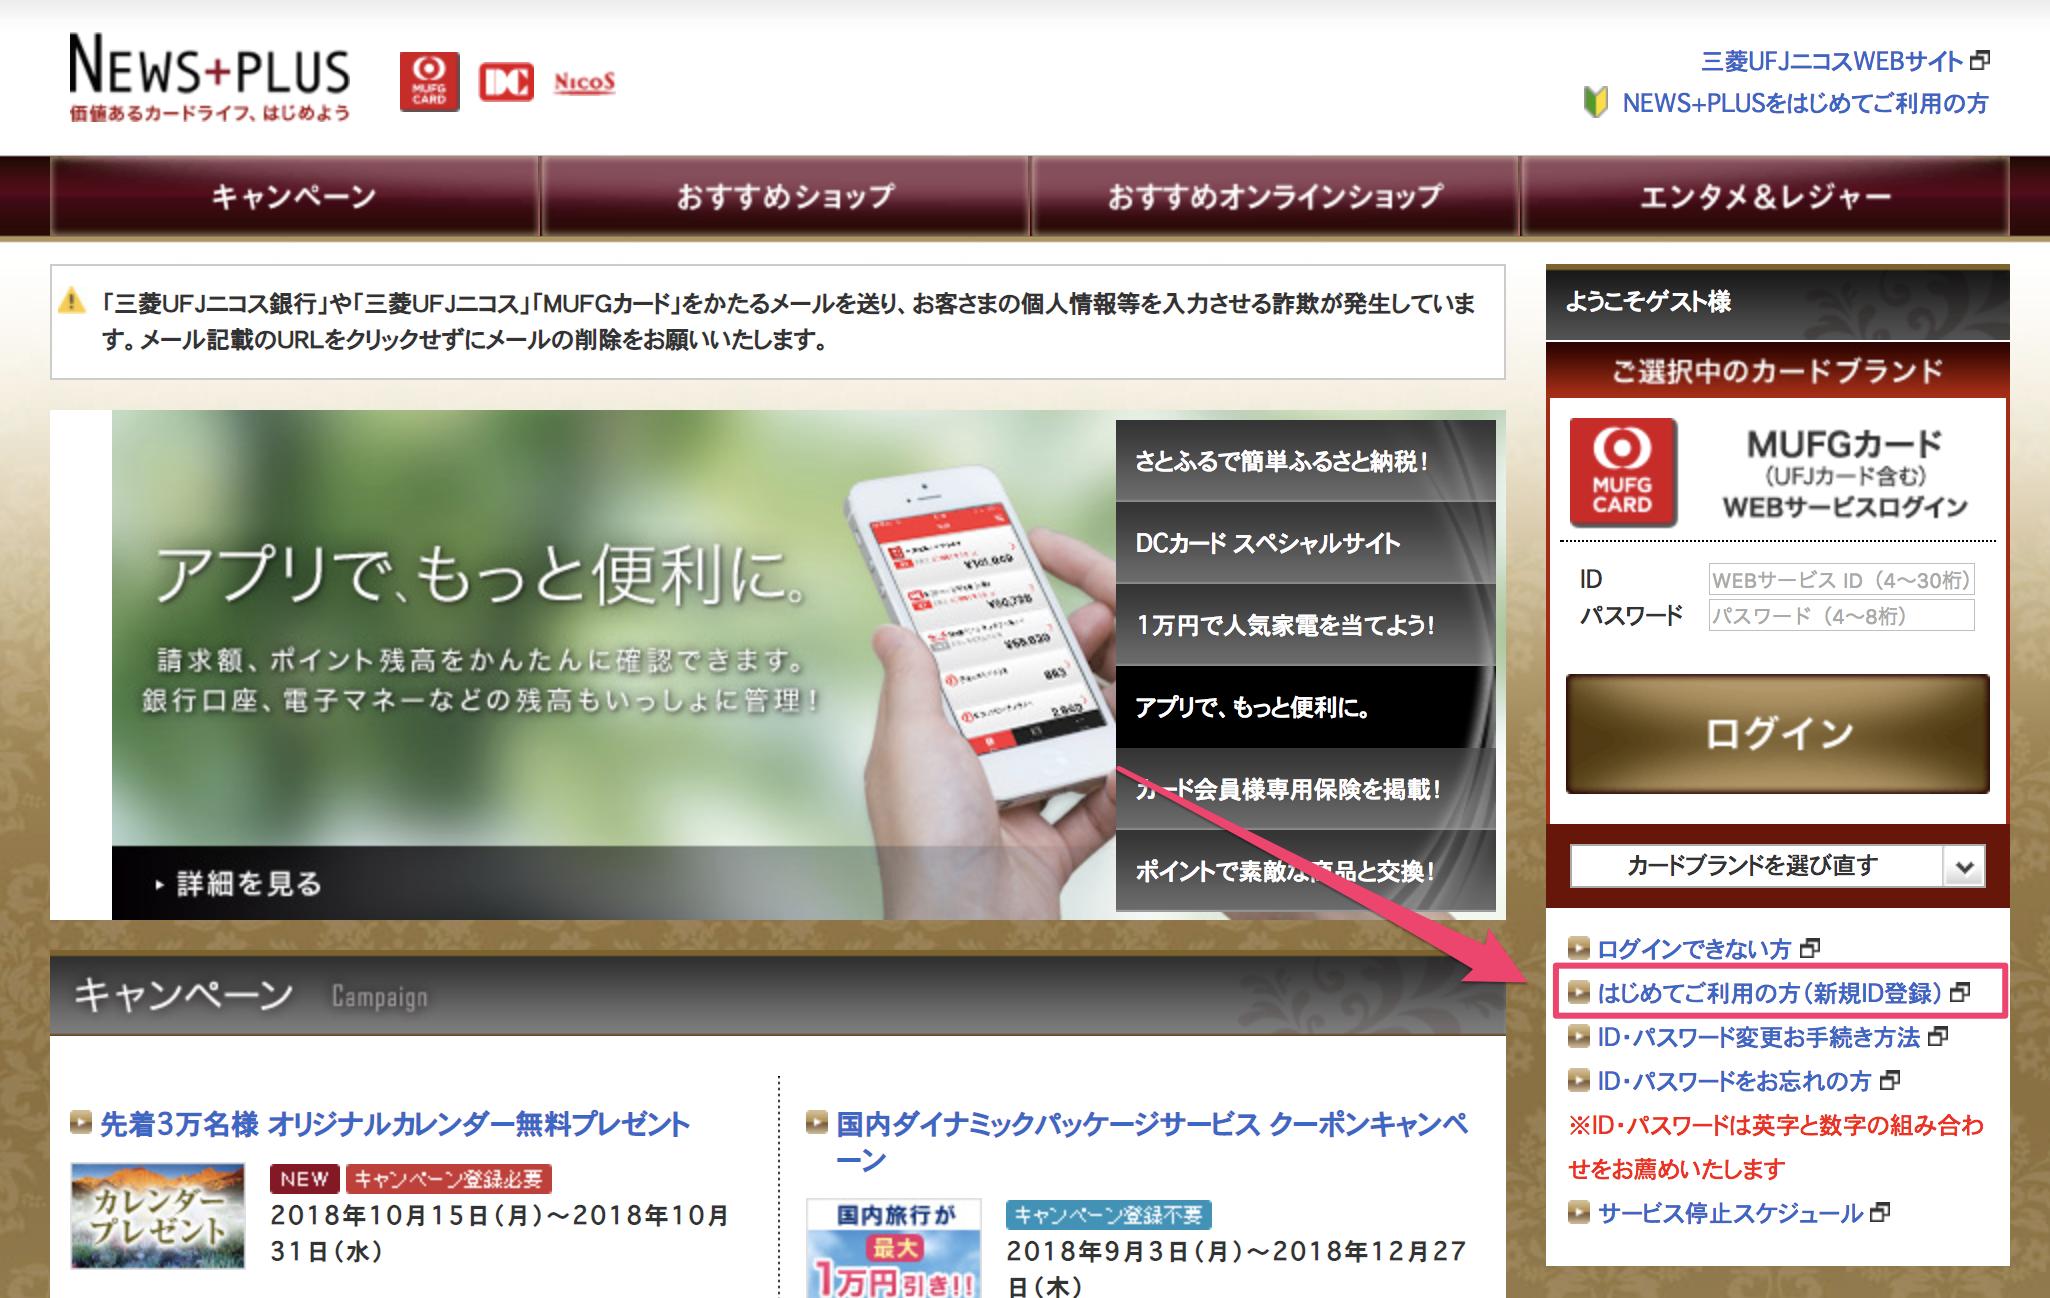 三菱UFJニコス マイページ